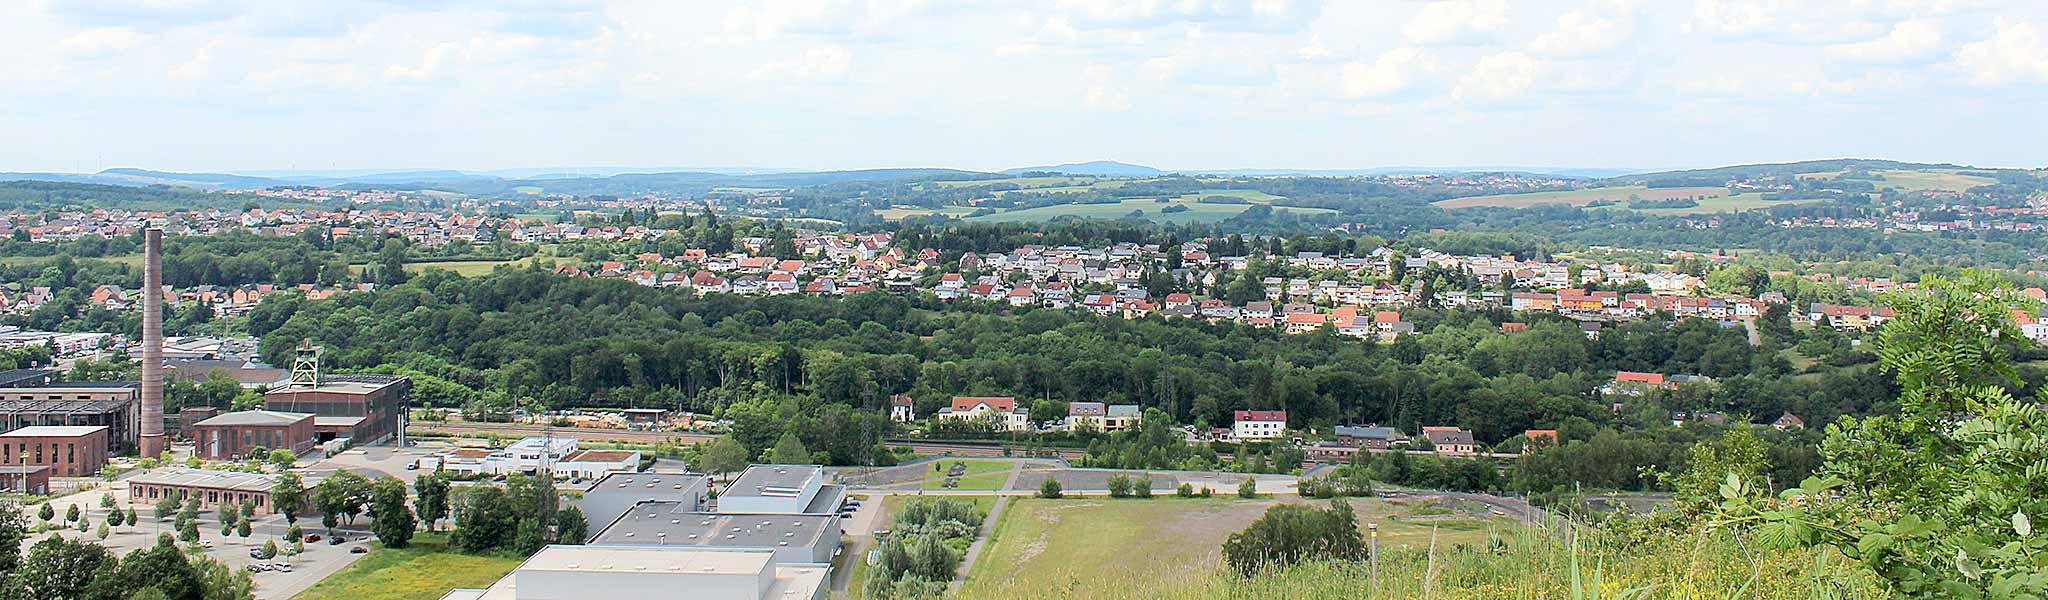 landsweiler.jpg